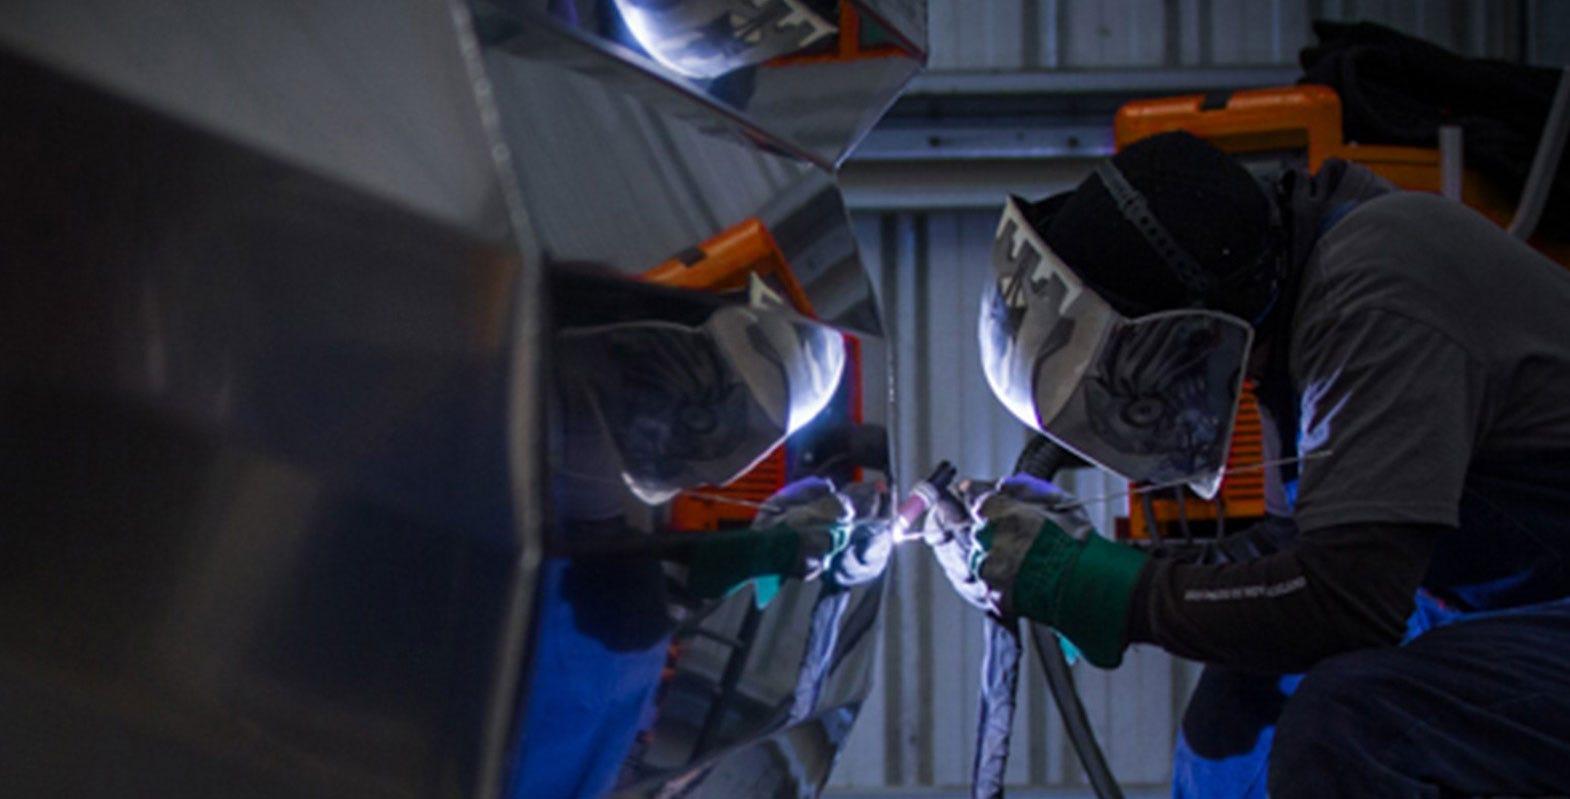 Aluminium cutting discs that work for boat builders